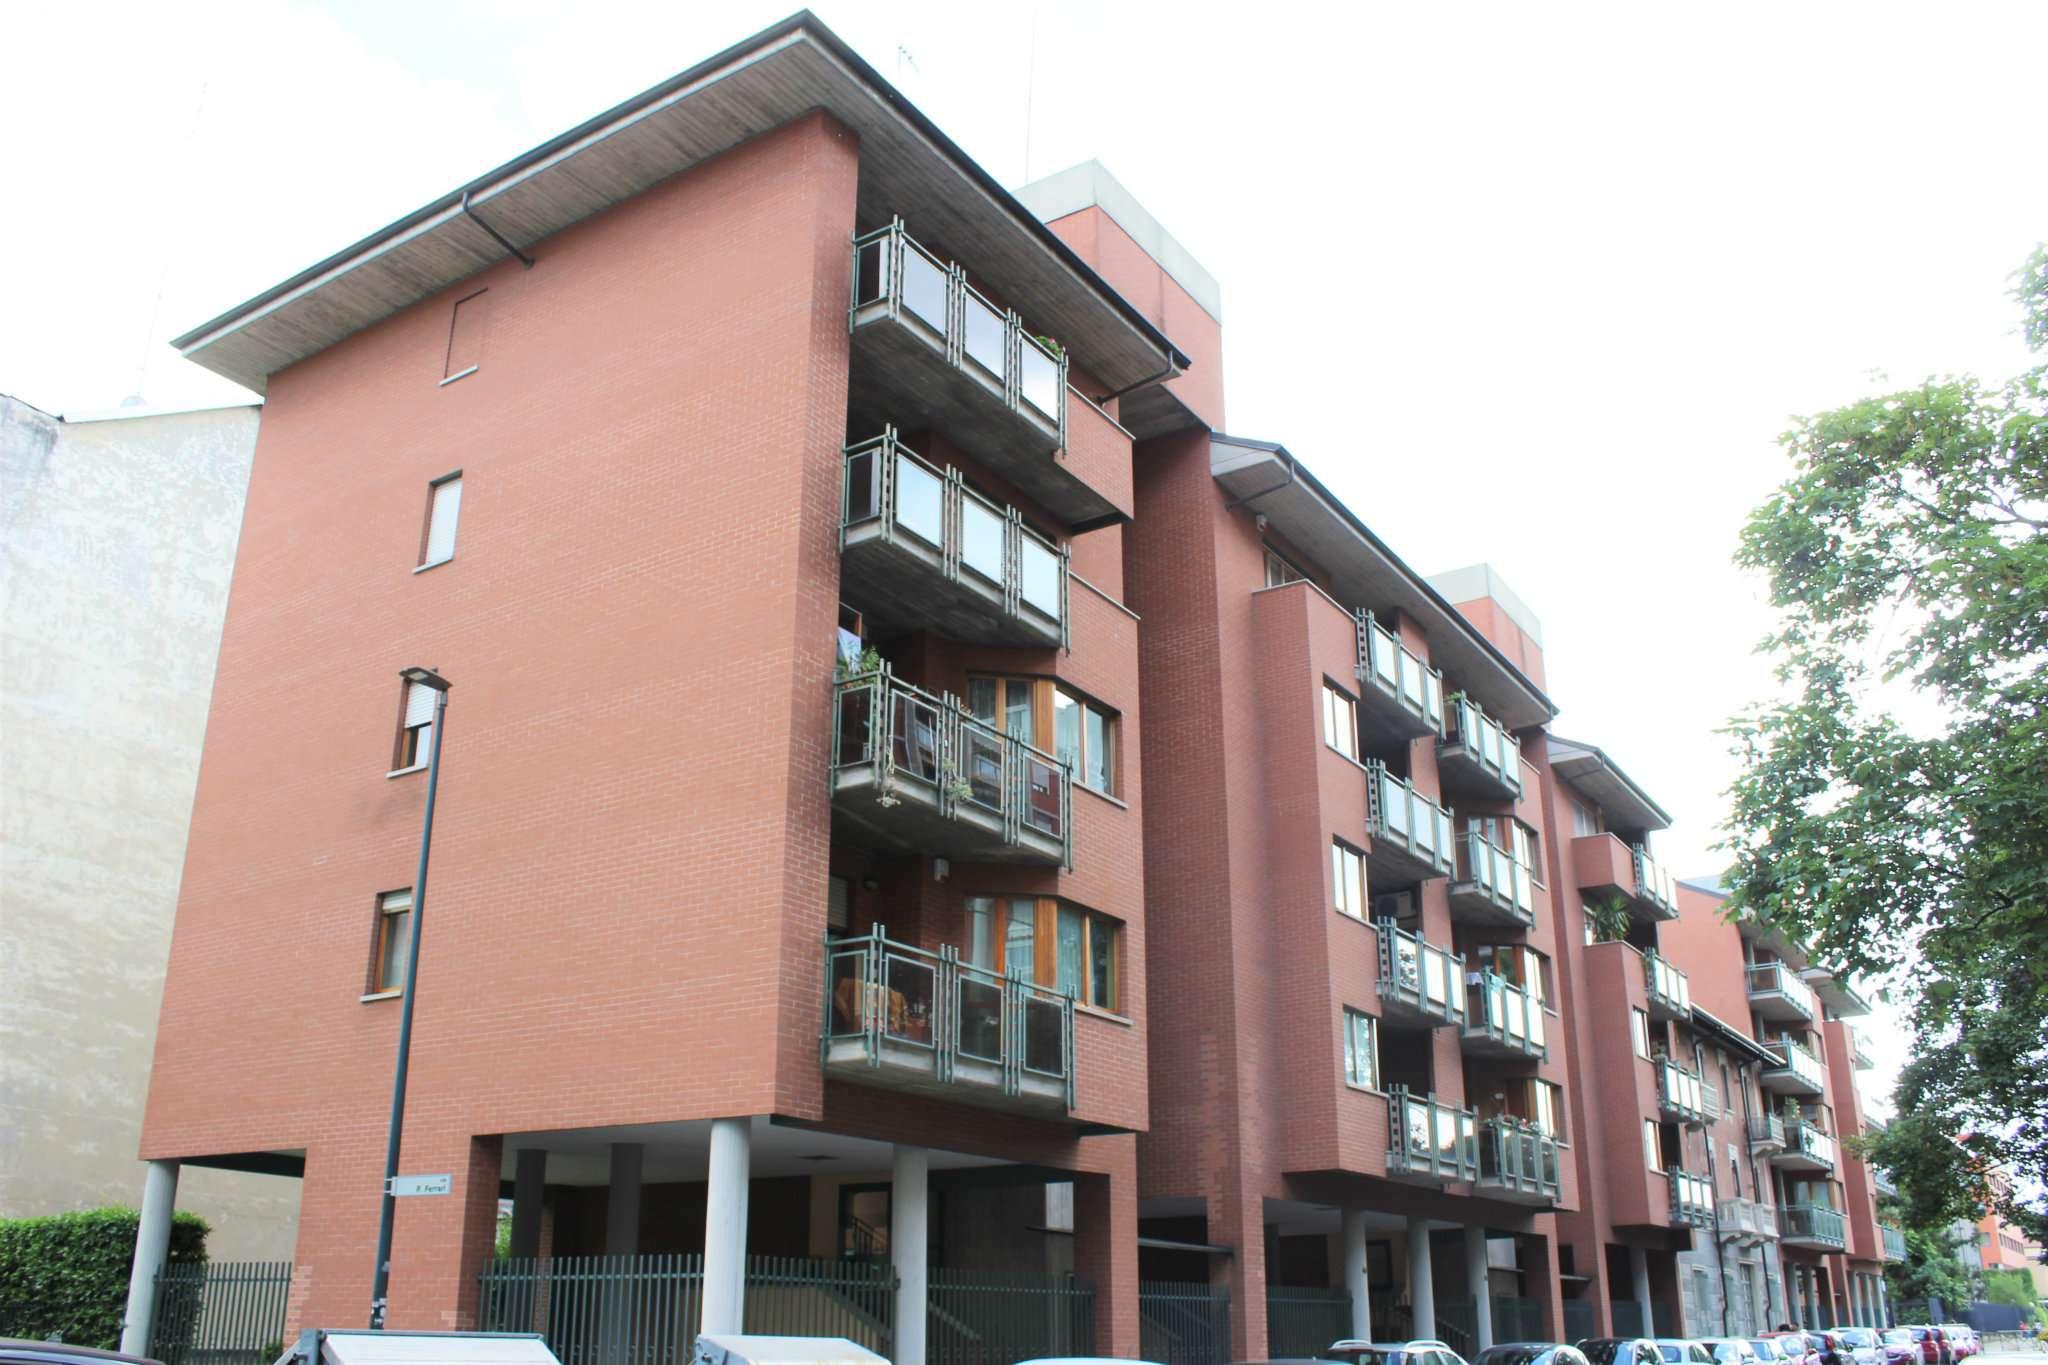 Foto 1 di Quadrilocale via tollegno, Torino (zona Valdocco, Aurora)